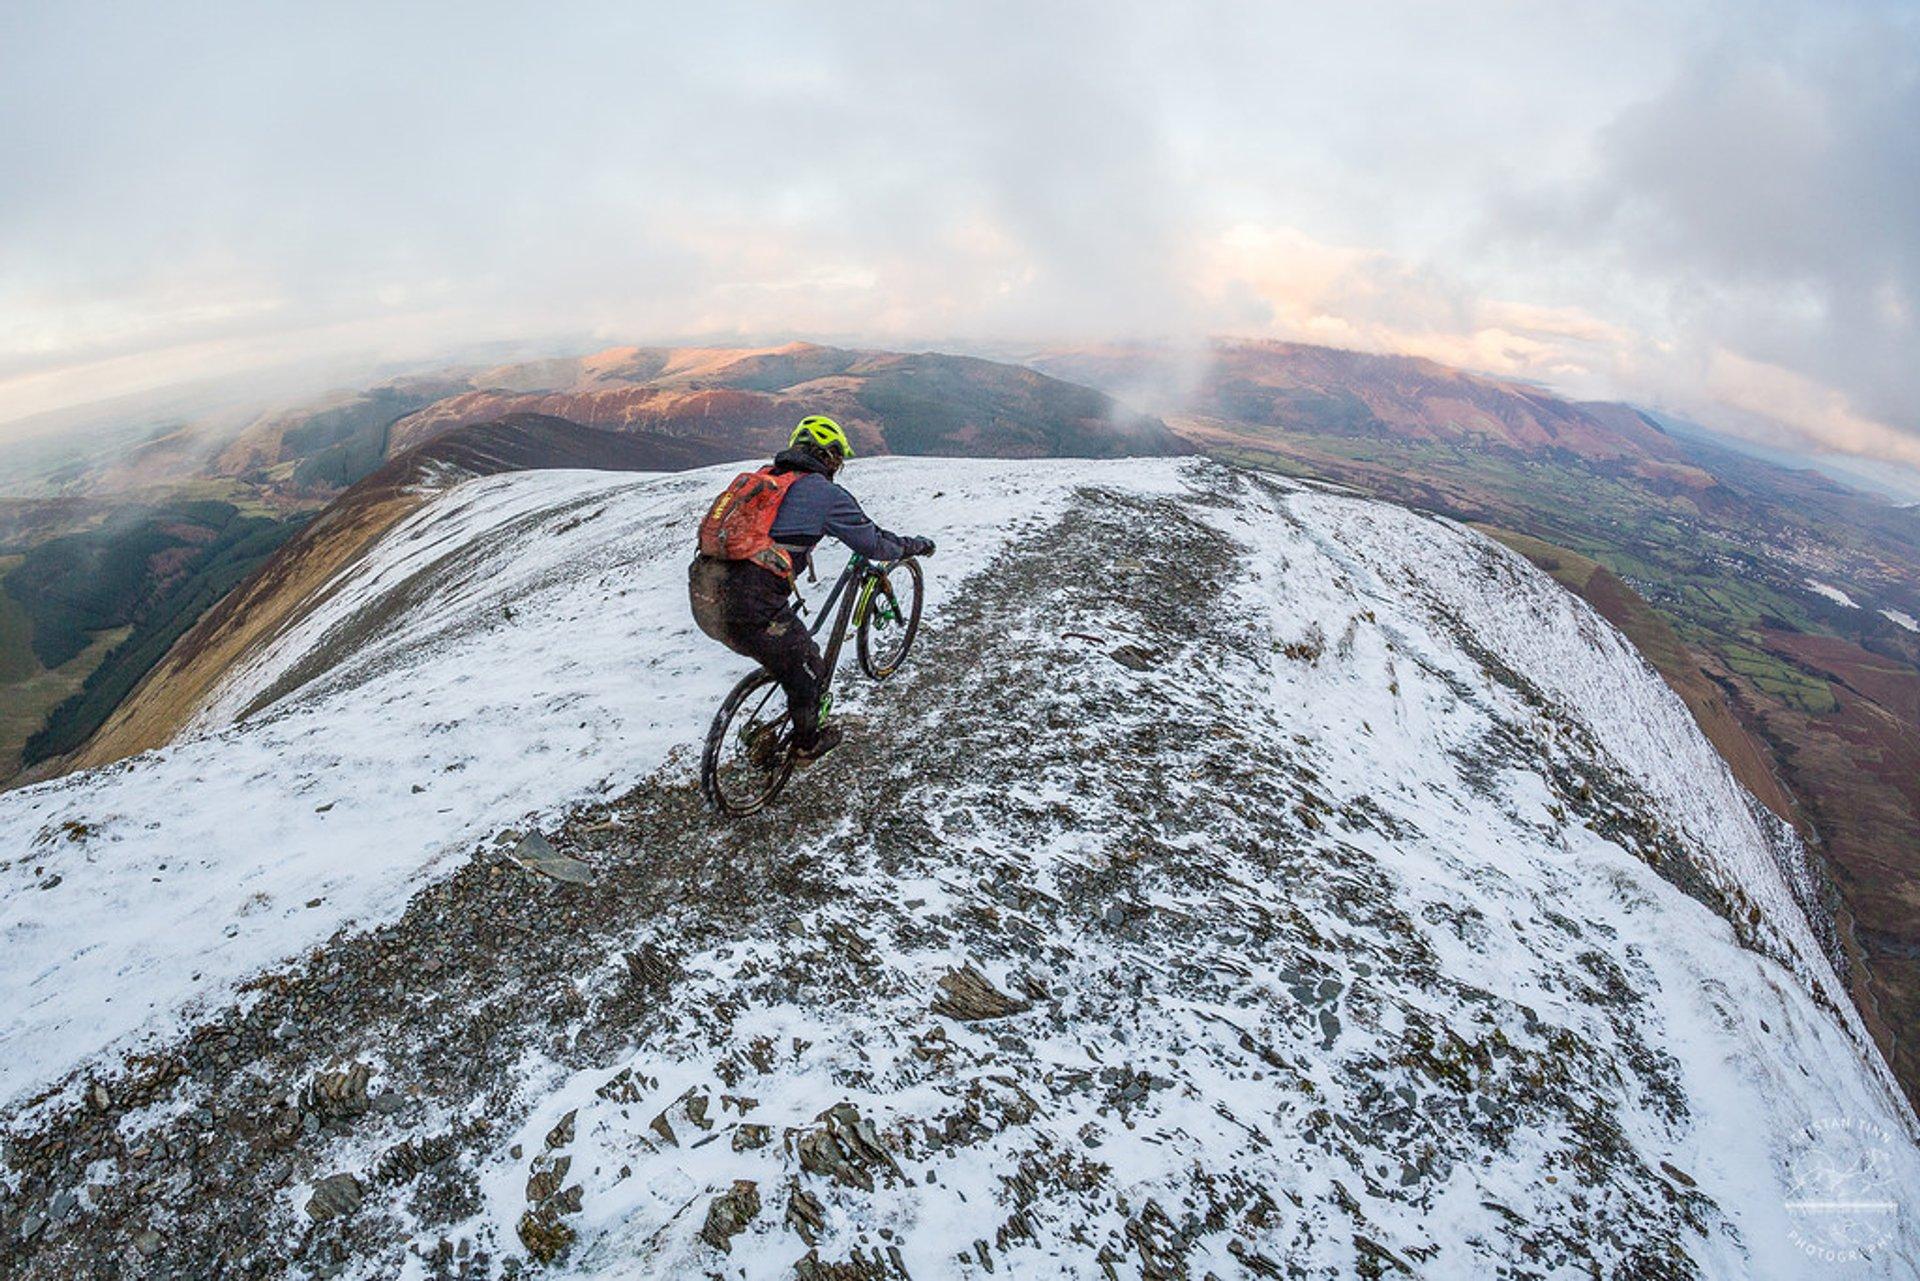 Winter Mountain Biking in England - Best Season 2019